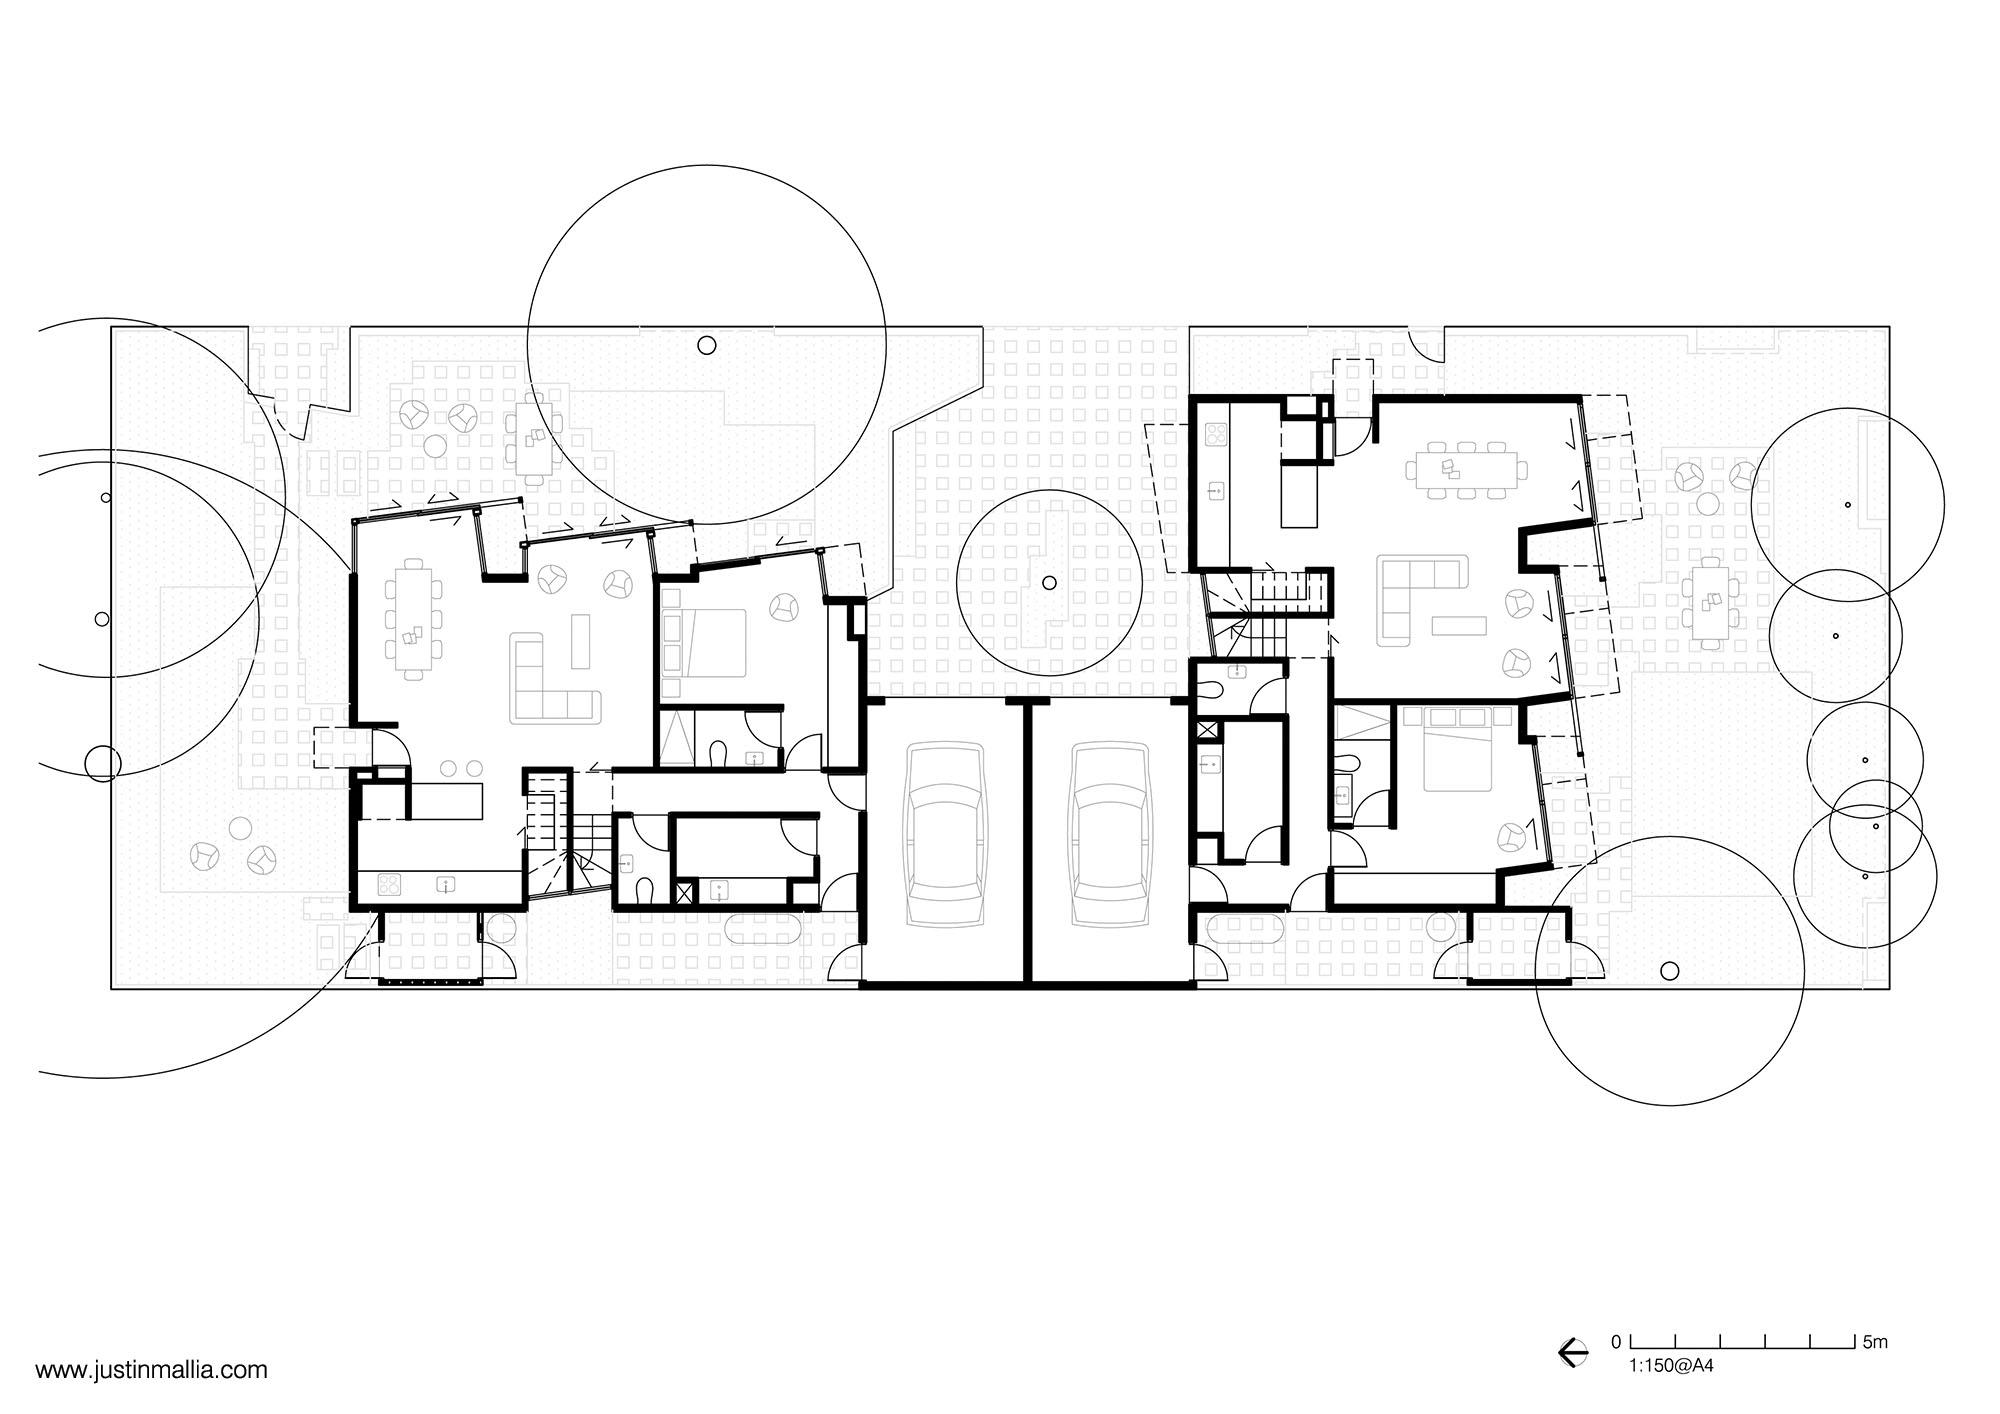 mallia_oak_24_lowerplan.jpg